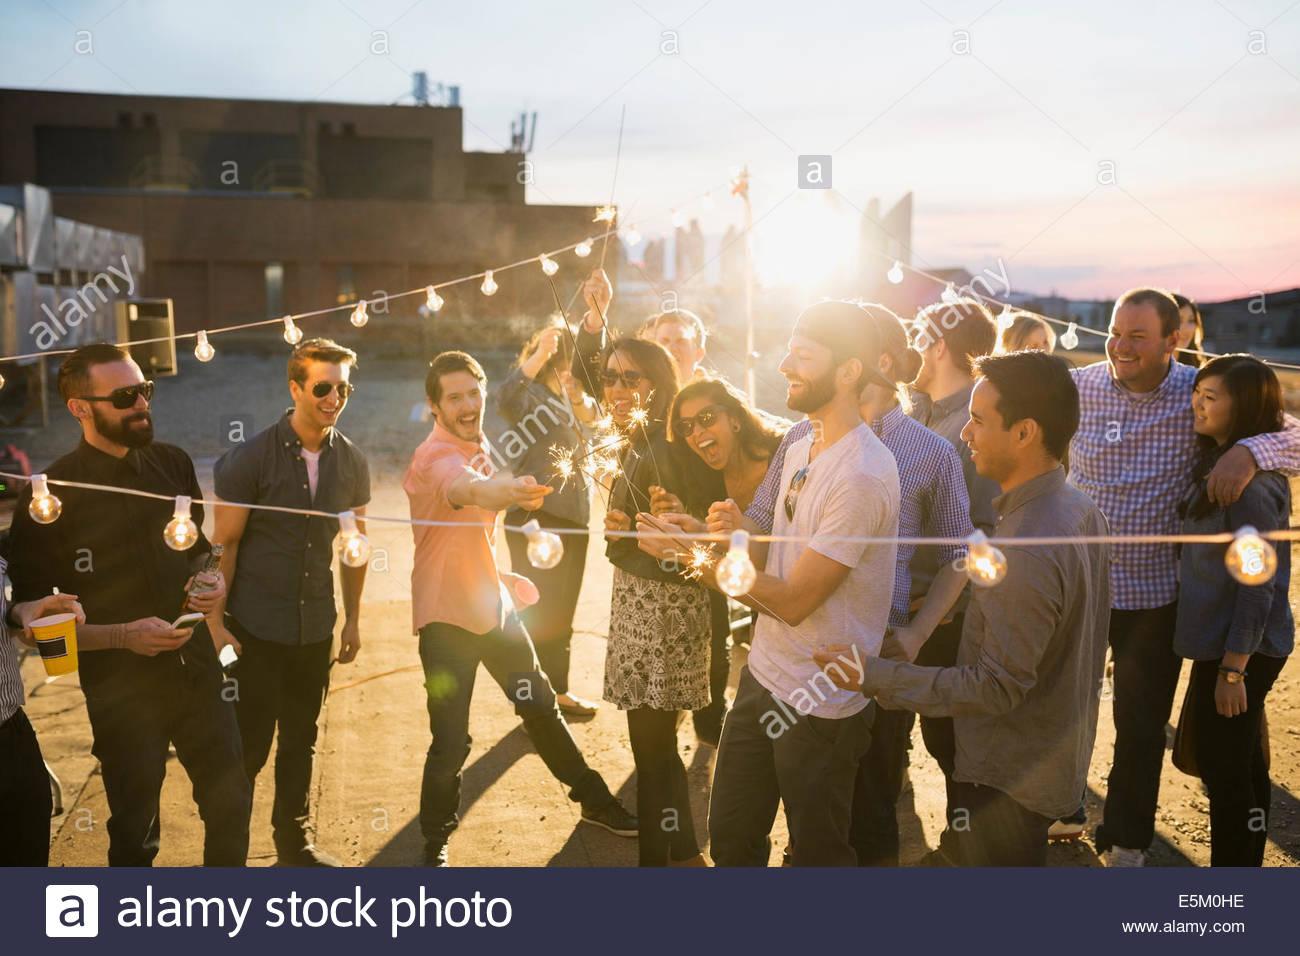 Amigos con estrellitas disfrutando de parte de la azotea urbana Imagen De Stock